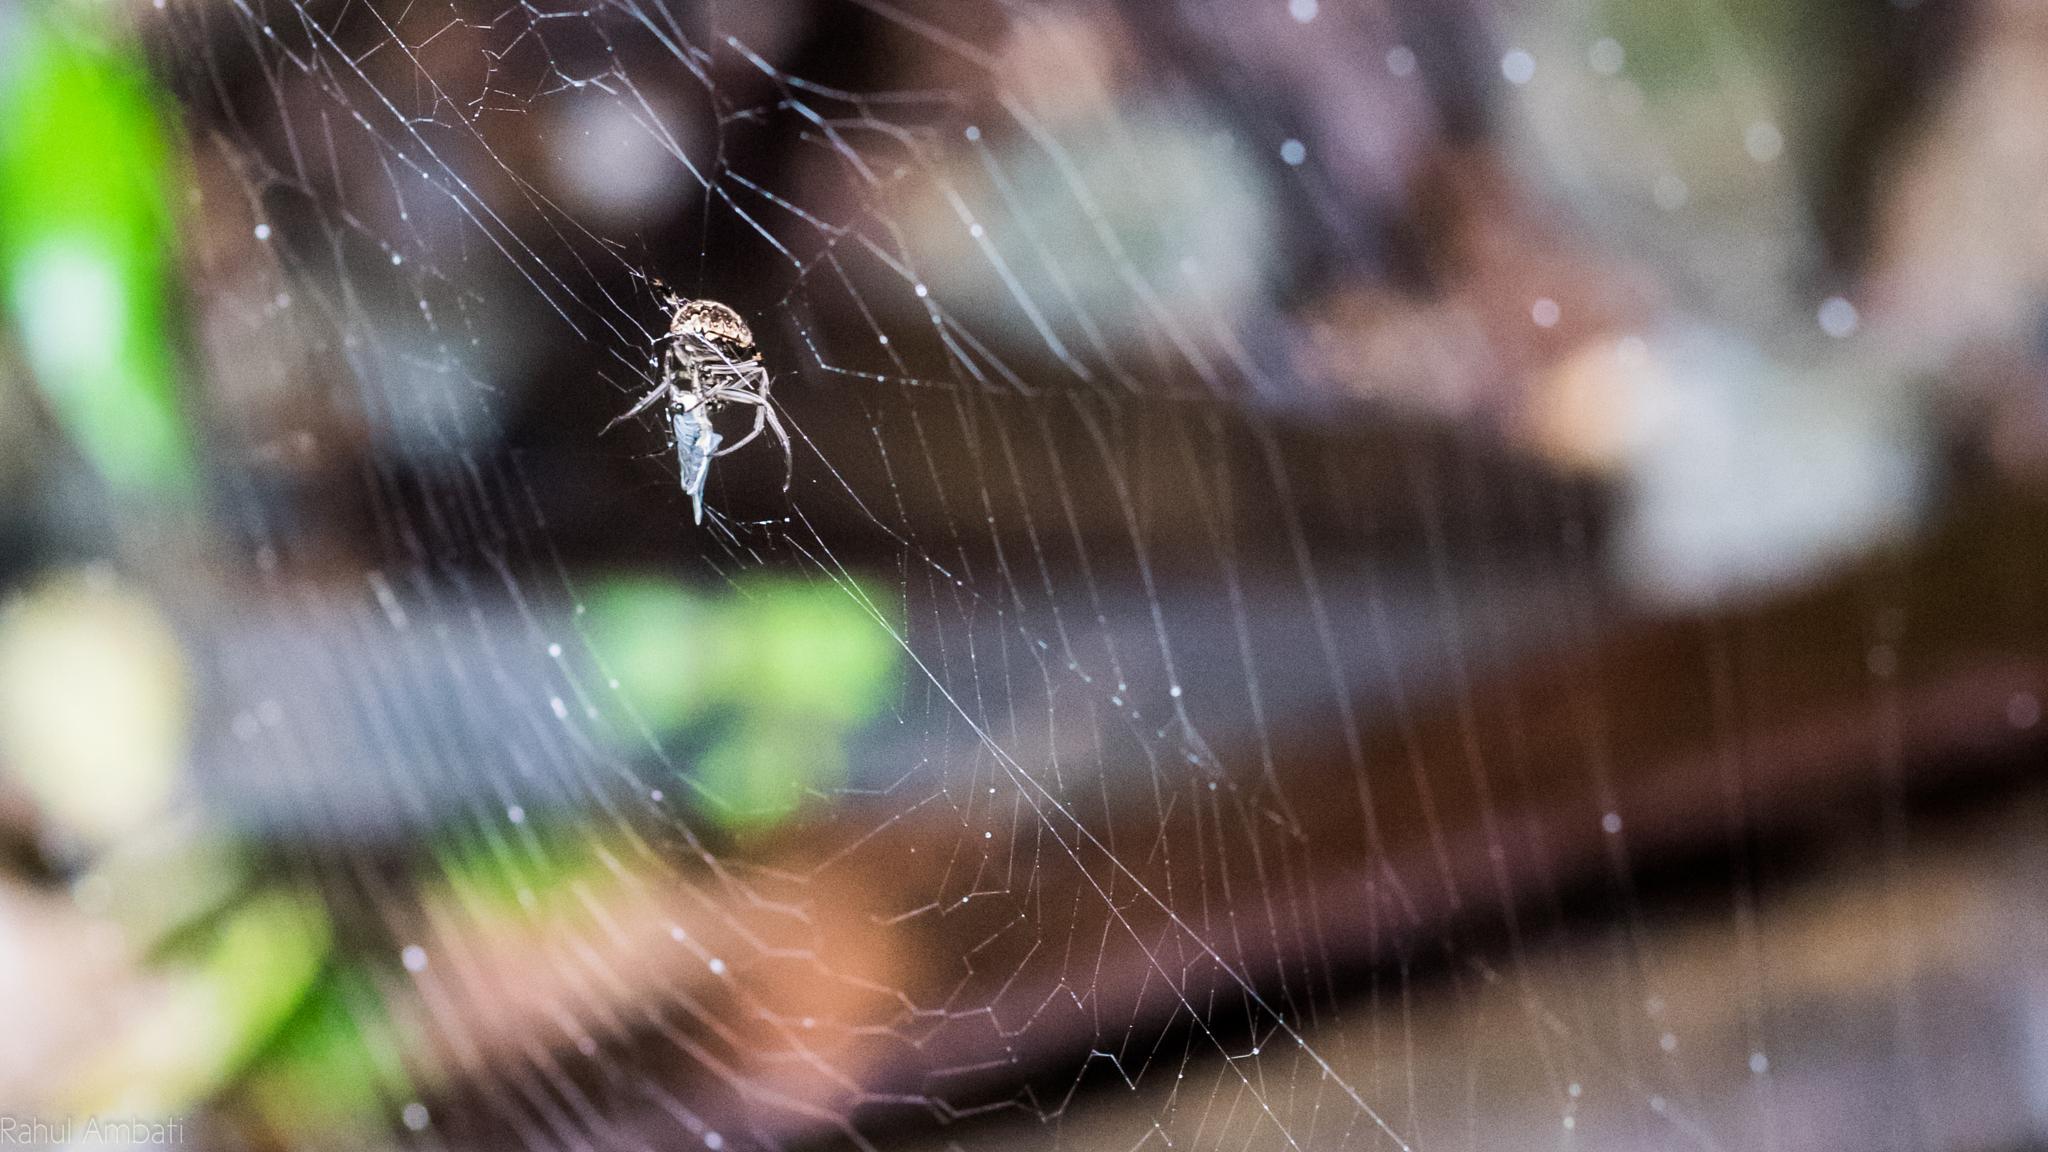 Sticky Web by Rahul Ambati